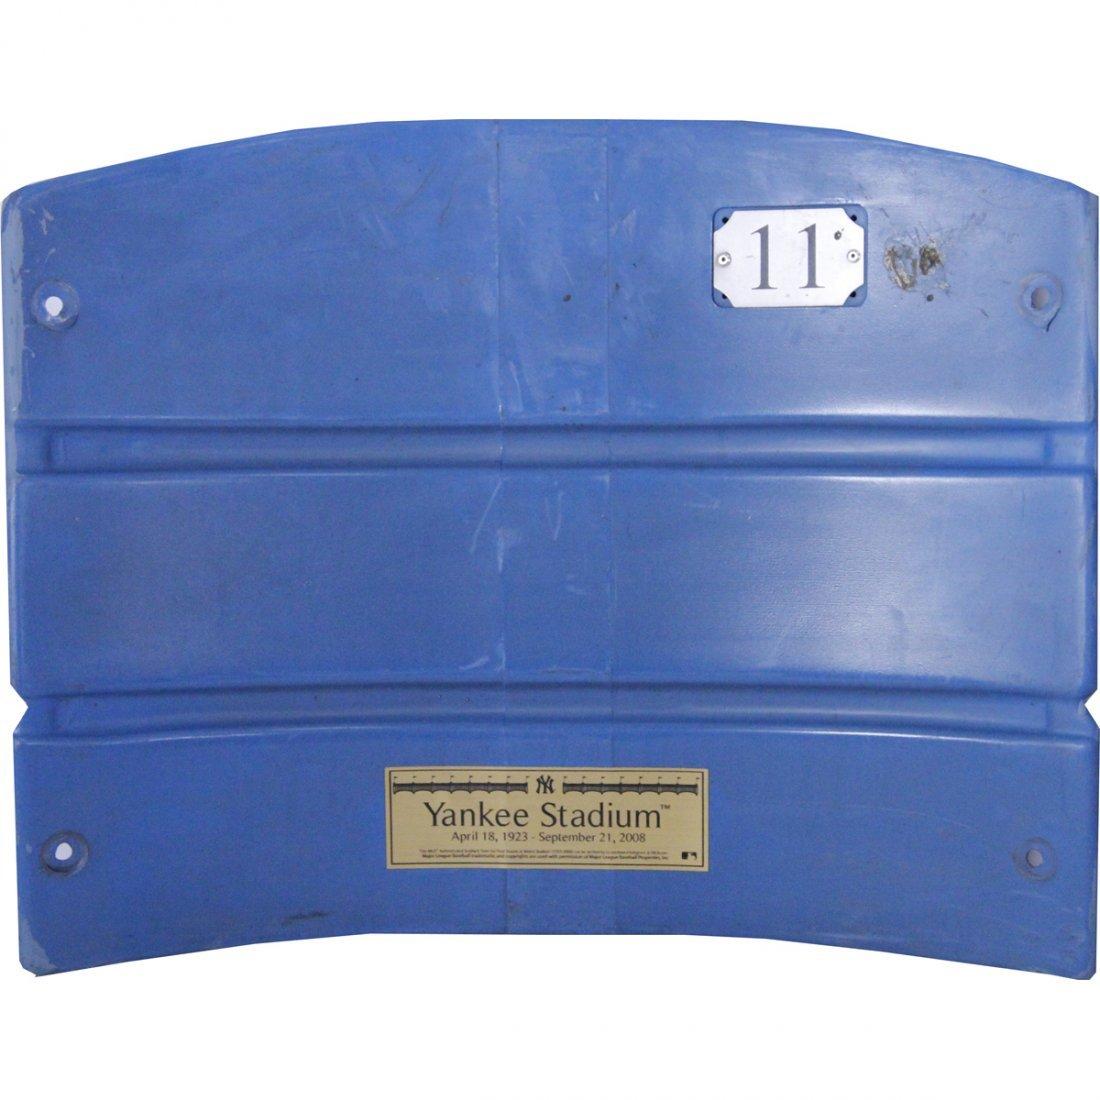 Authentic Yankee Stadium Seat Back w/ Nameplate (MLB Au